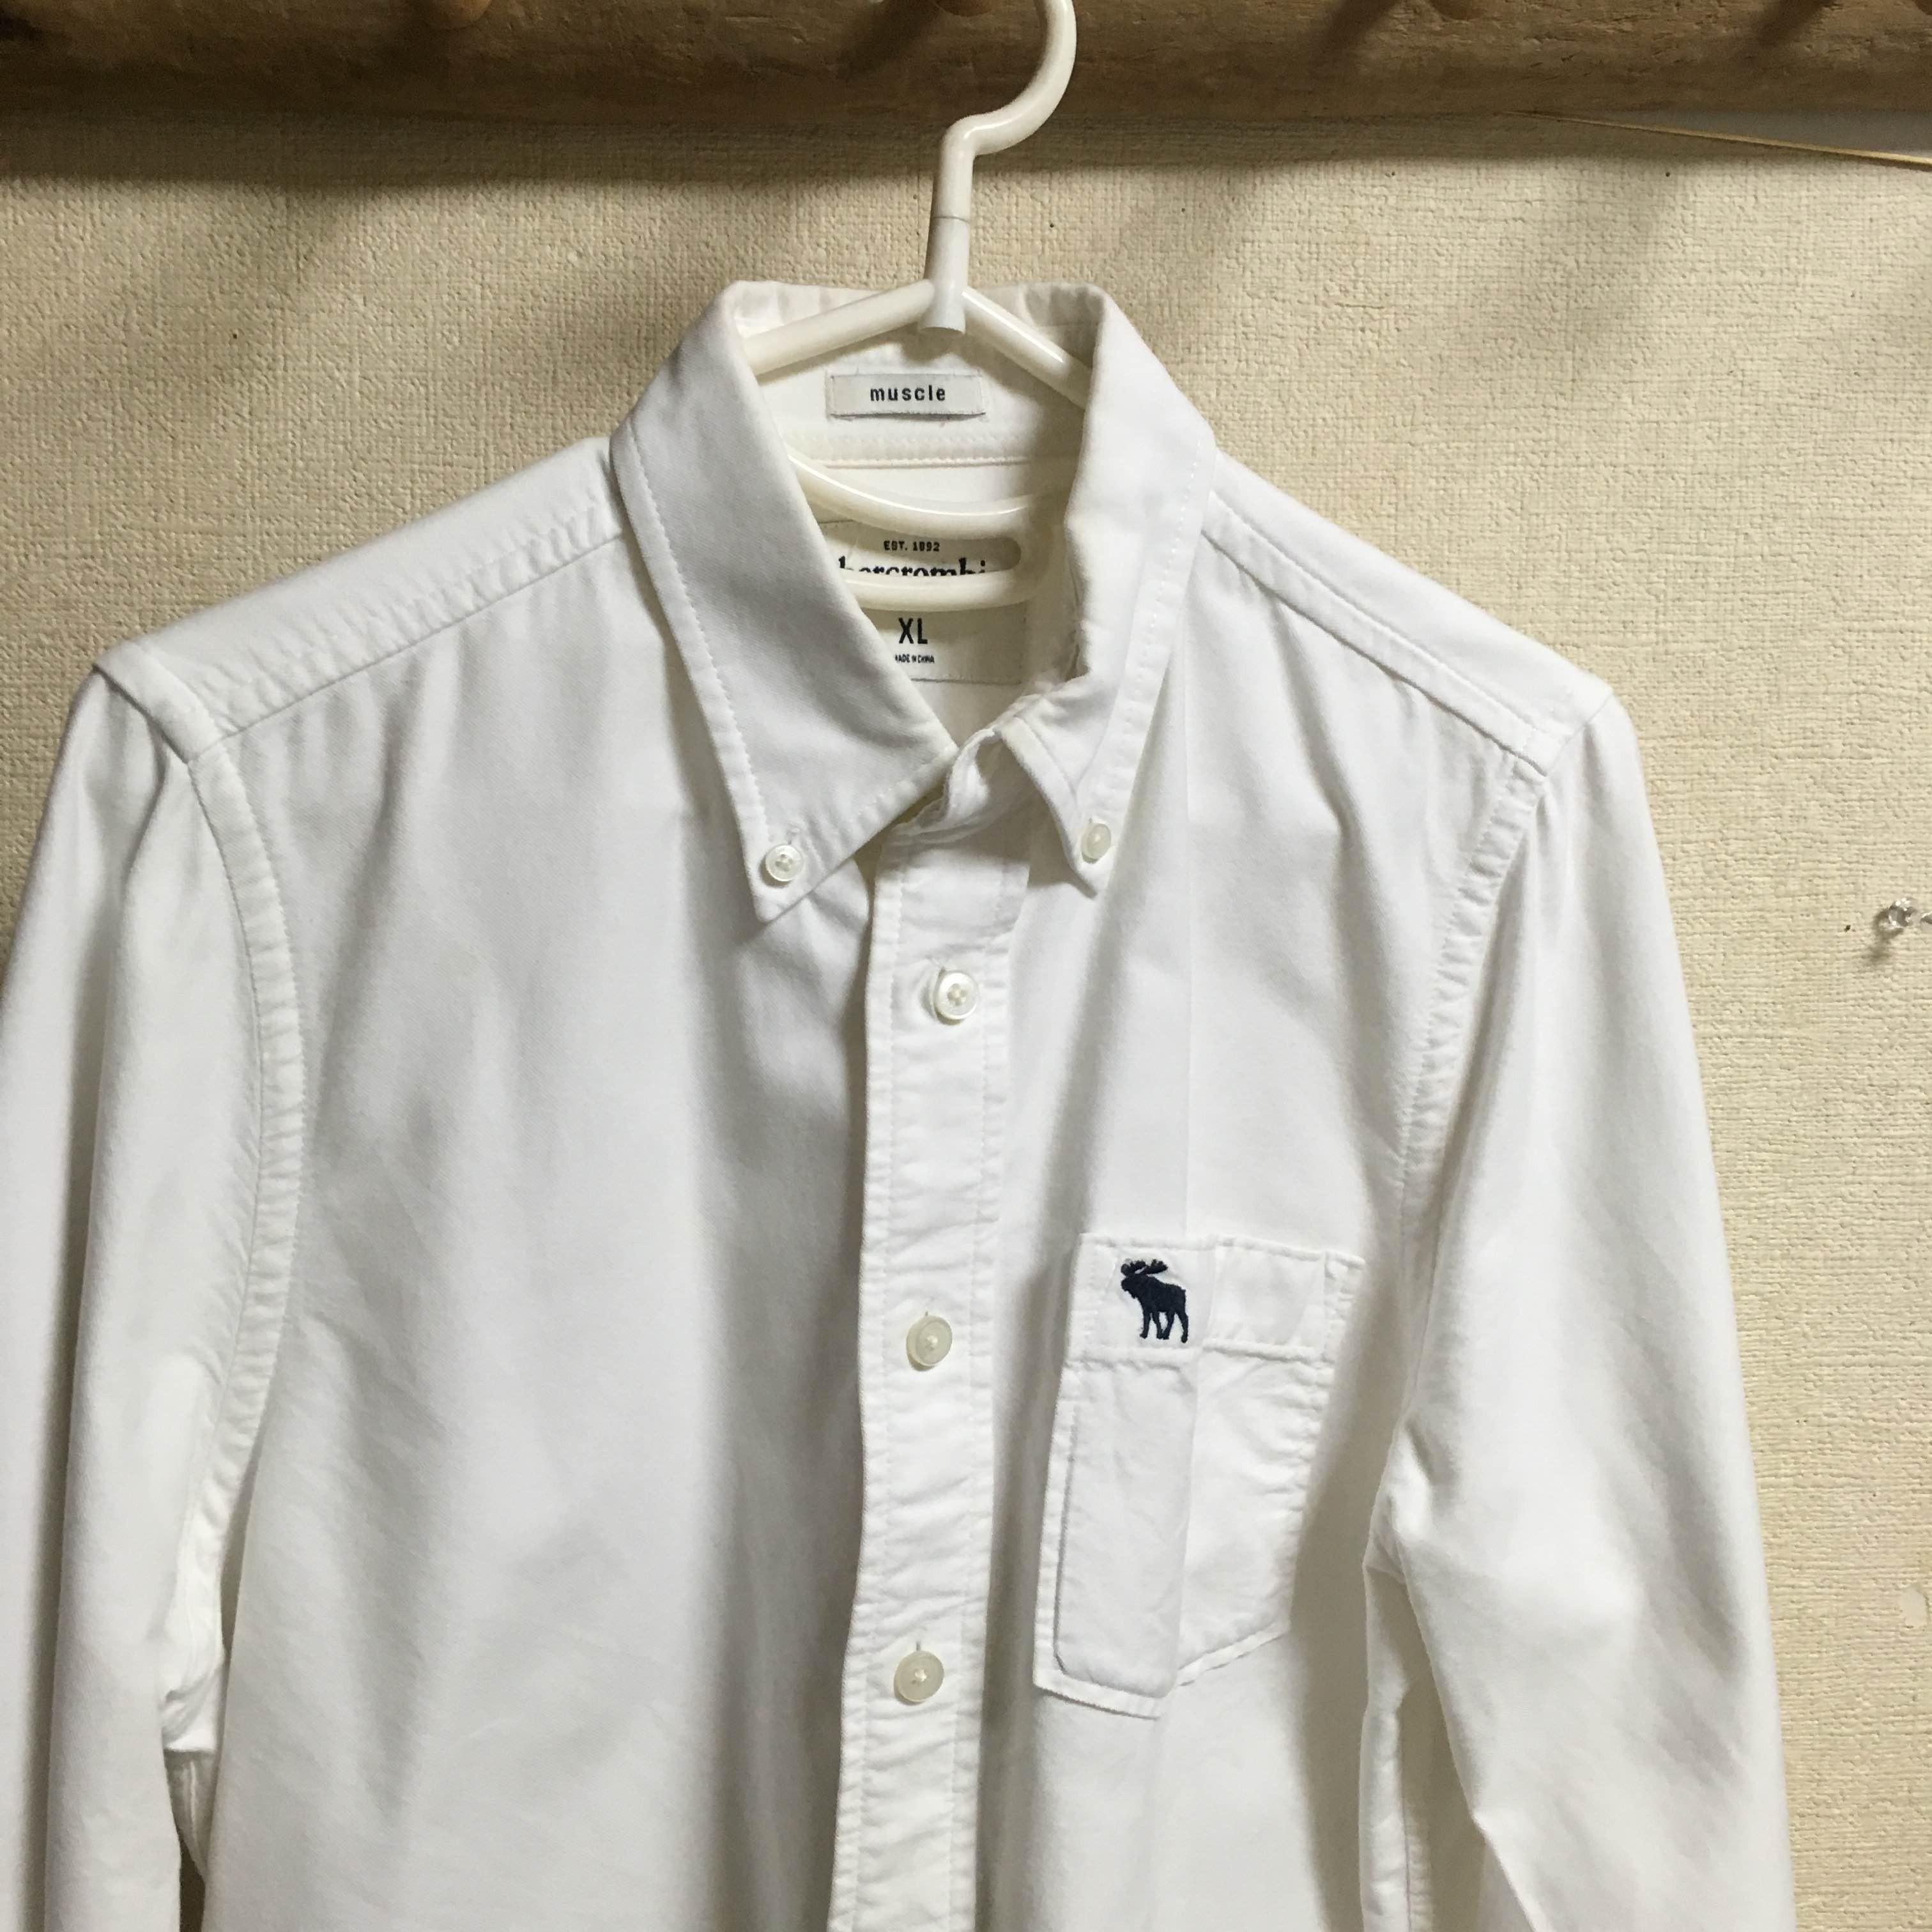 アバクロ白シャツフランス人は10着しか服を持たないらしいので、10着選んでみた。2016年秋冬版【ミニマリスト】